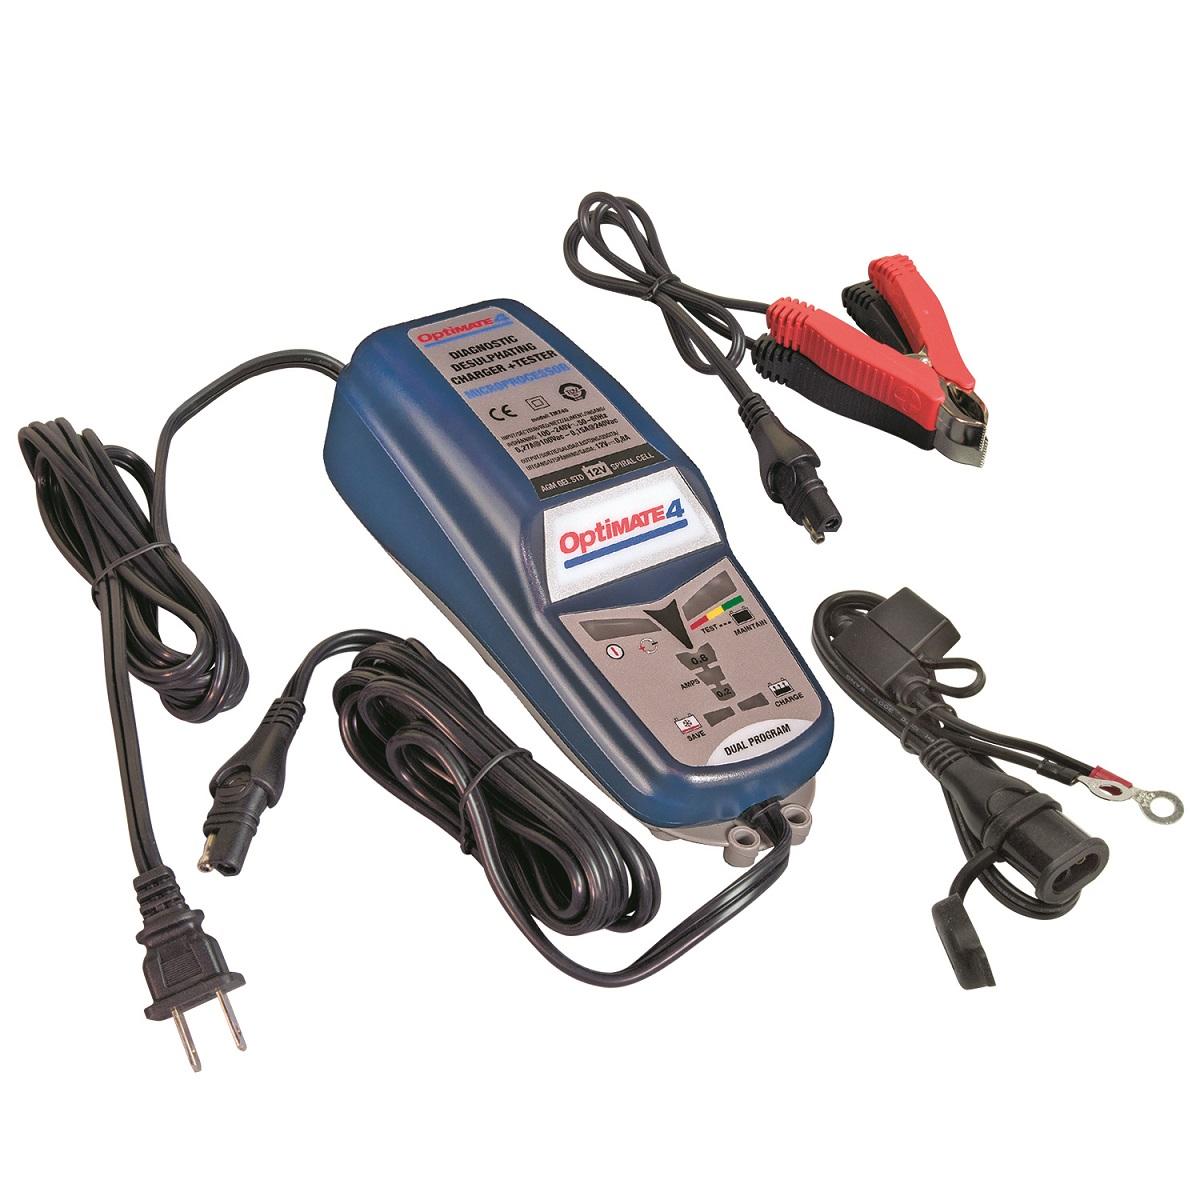 Зарядное устройство OptiMate 4. TM240TM240Многоступенчатое зарядное устройство Optimate от бельгийской компании TecMate с режимами тестирования, восстановления глубокоразряженных аккумуляторных батарей, десульфатации и хранения. Управление полностью автоматическое без кнопок. Заряжает все типы 12В свинцово-кислотных аккумуляторных батарей, в т.ч. AGM, GEL. Защита от короткого замыкания, переполюсовки, искрообразования, перегрева. Оптимизирует срок службы и здоровье аккумуляторной батареи. Гарантия 3 года. Влагозащищенный корпус. Рекомендовано 10-ю ведущими производителями мототехники. Optimate 4 рекомендуется для АКБ от 2Ач до 50 Ач. (75Ач в режиме длительного обслуживания). Ток зарядки 0,2-0,8А. Старт заряда АКБ от 0,5В. Температурный режим -40...+40С. Optimate 4 может заряжать аккумуляторную батарею вашего мотоцикла через Can-bus шину (требуется аксессуар O2). В комплект устройства входят аксессуары O1 кольцевой разъем постоянного подключения и O4 зажимы типа крокодил.